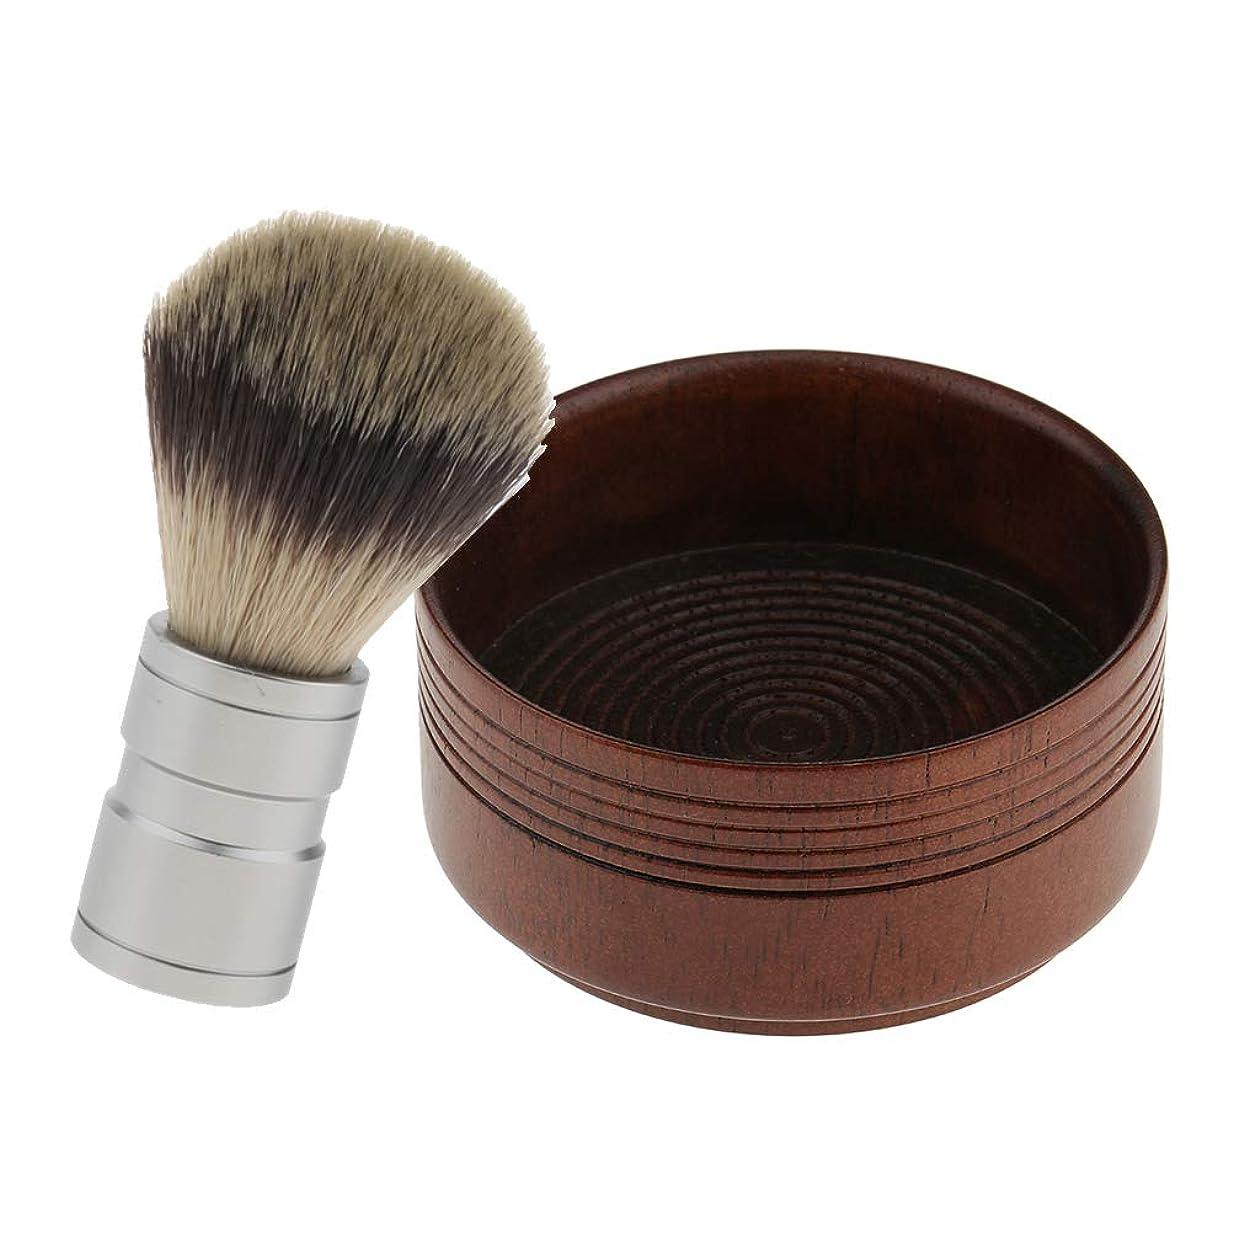 五ステレオ心理学D DOLITY シェービングブラシ シェービングボウル メンズ用 理容 洗顔 髭剃り 理髪店、美容院、家庭